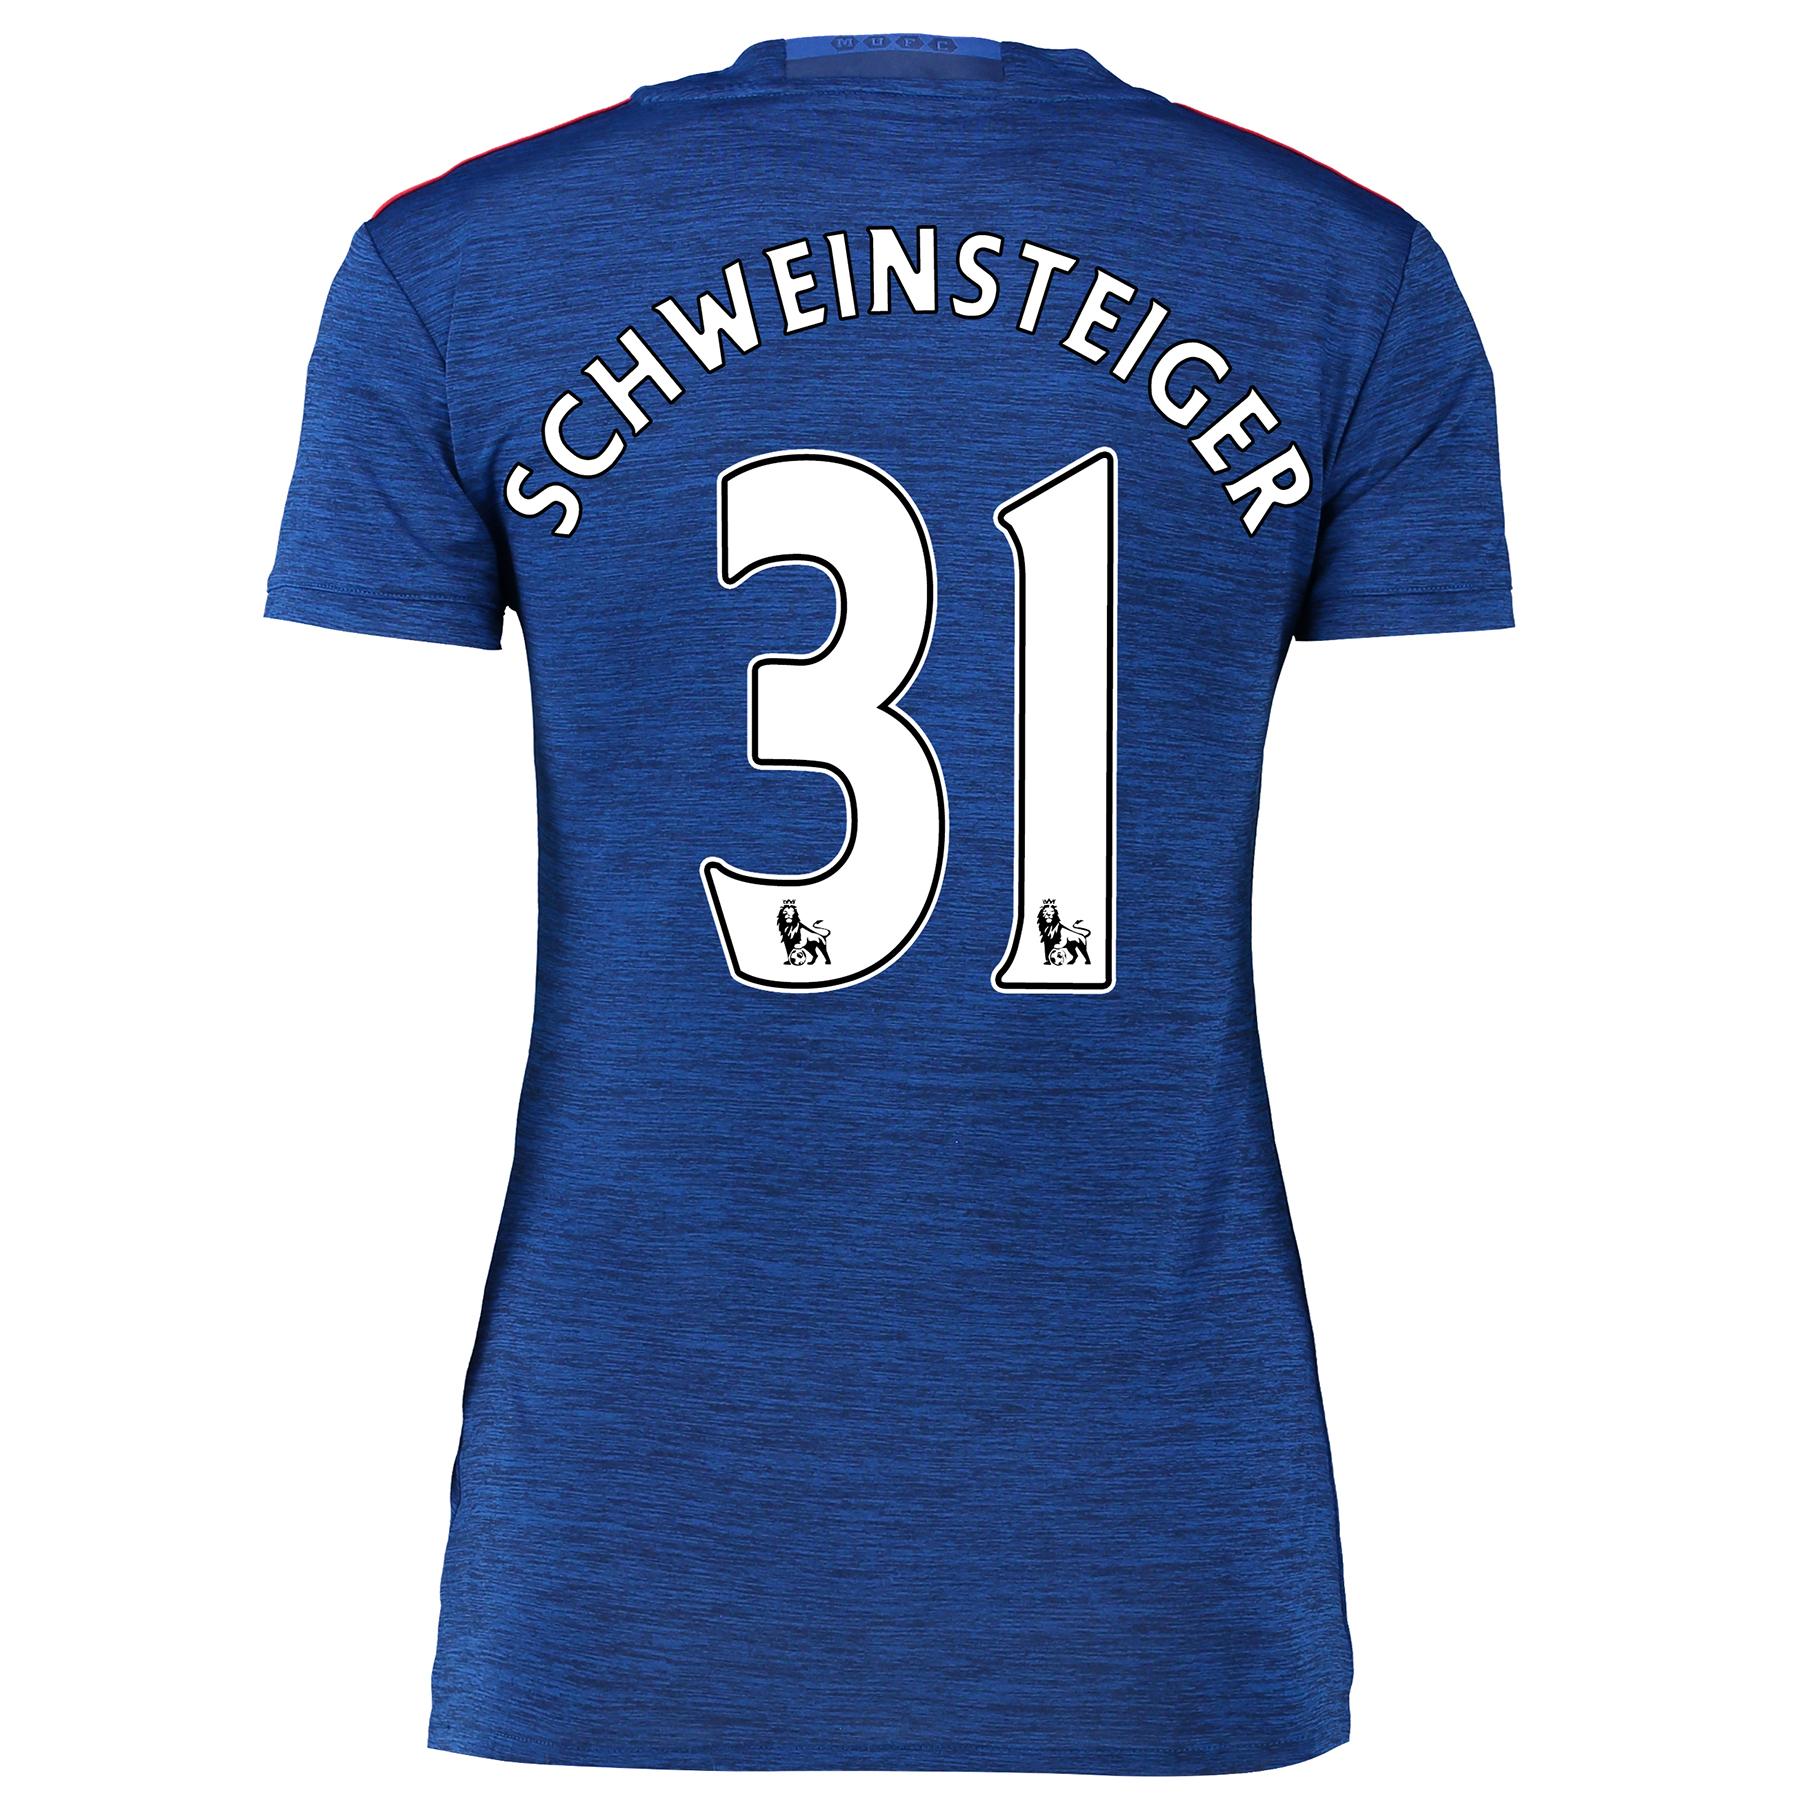 Manchester United Away Shirt 2016-17 - Womens with Schweinsteiger 31 p